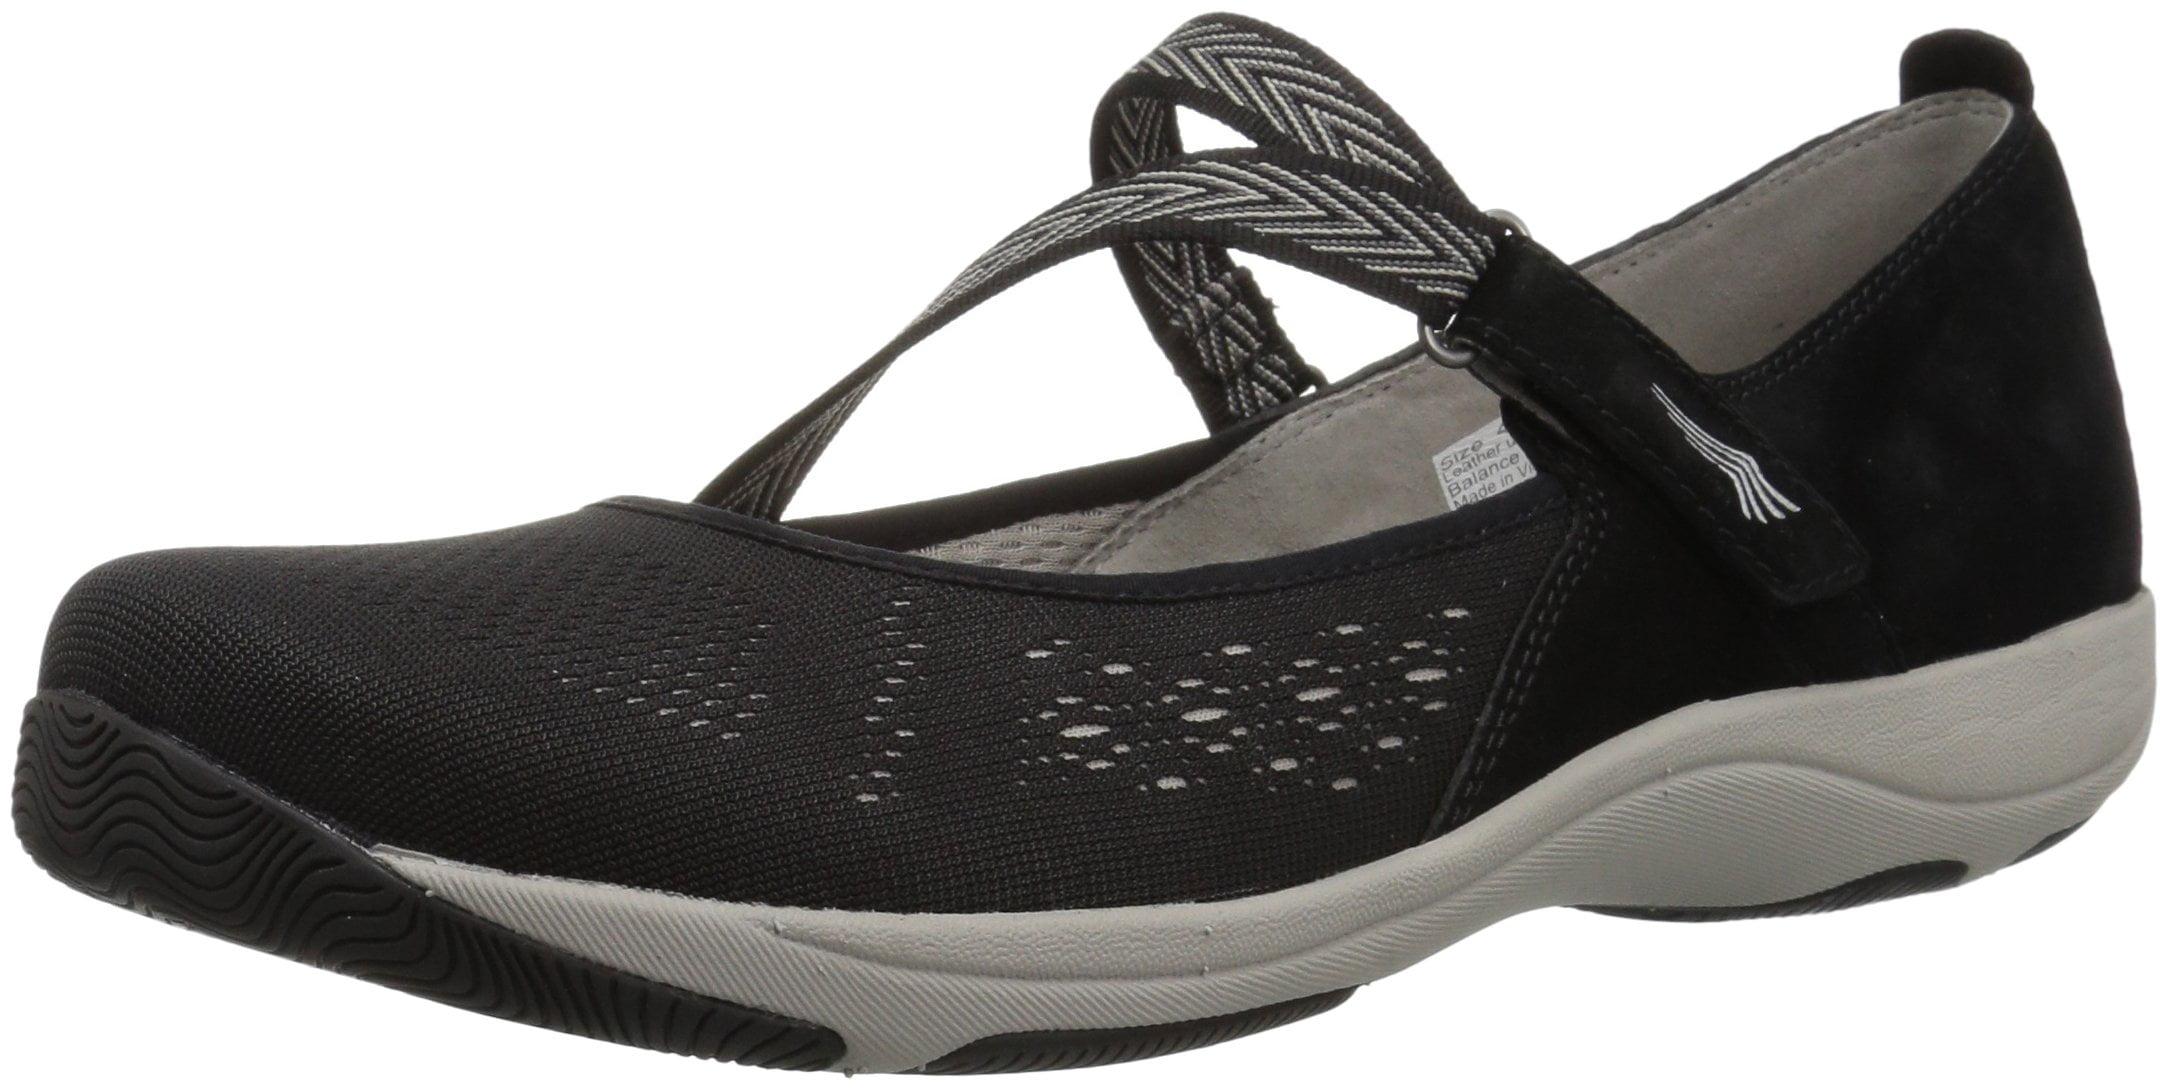 Dansko - Dansko Haven Shoes Black Suede